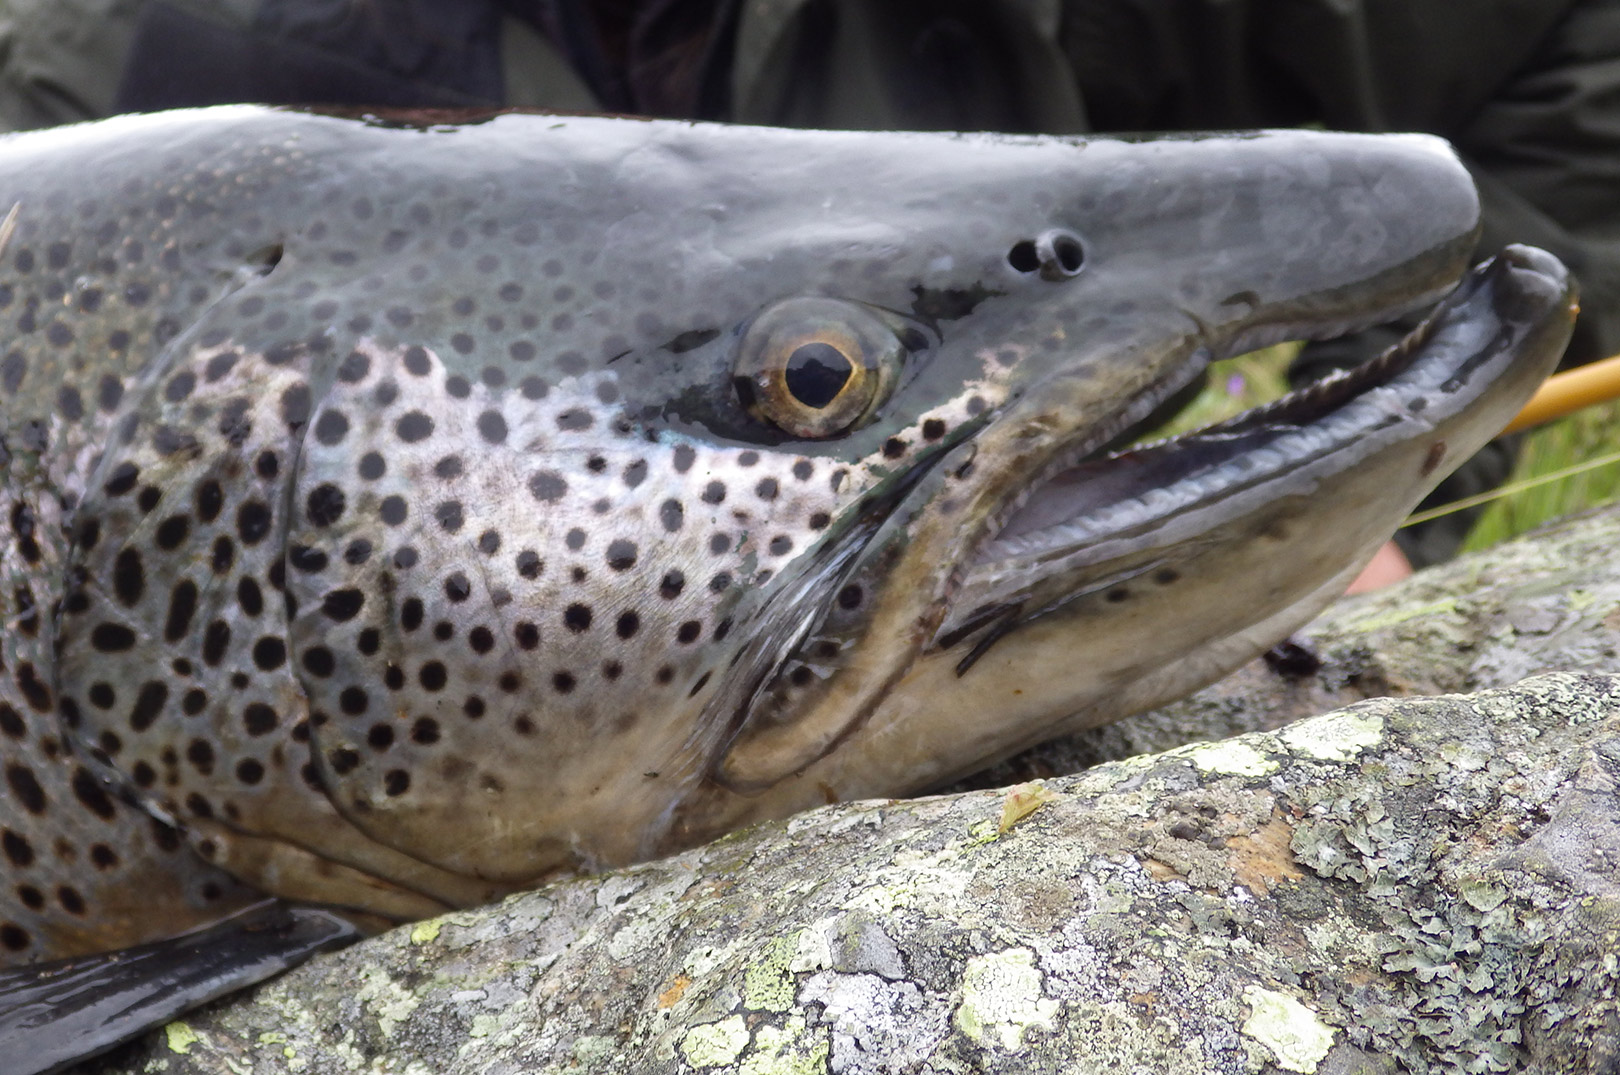 En ørred i denne størrelse kan uden problemer æde mindre artsfæller, og denne grove fisk havde da også flere andre ørreder i mangen op til cirka 25-30 centimeter.